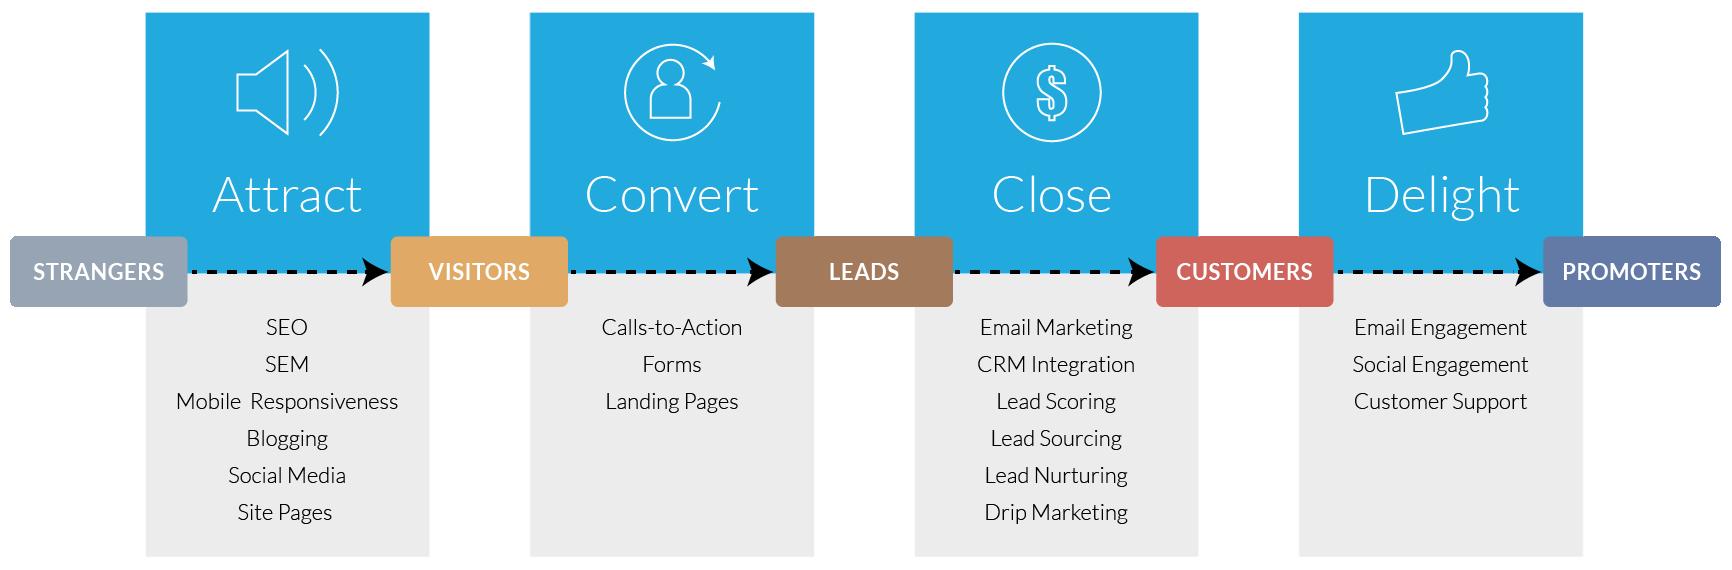 Inbound Marketing Methodology   Rhino Digital Media